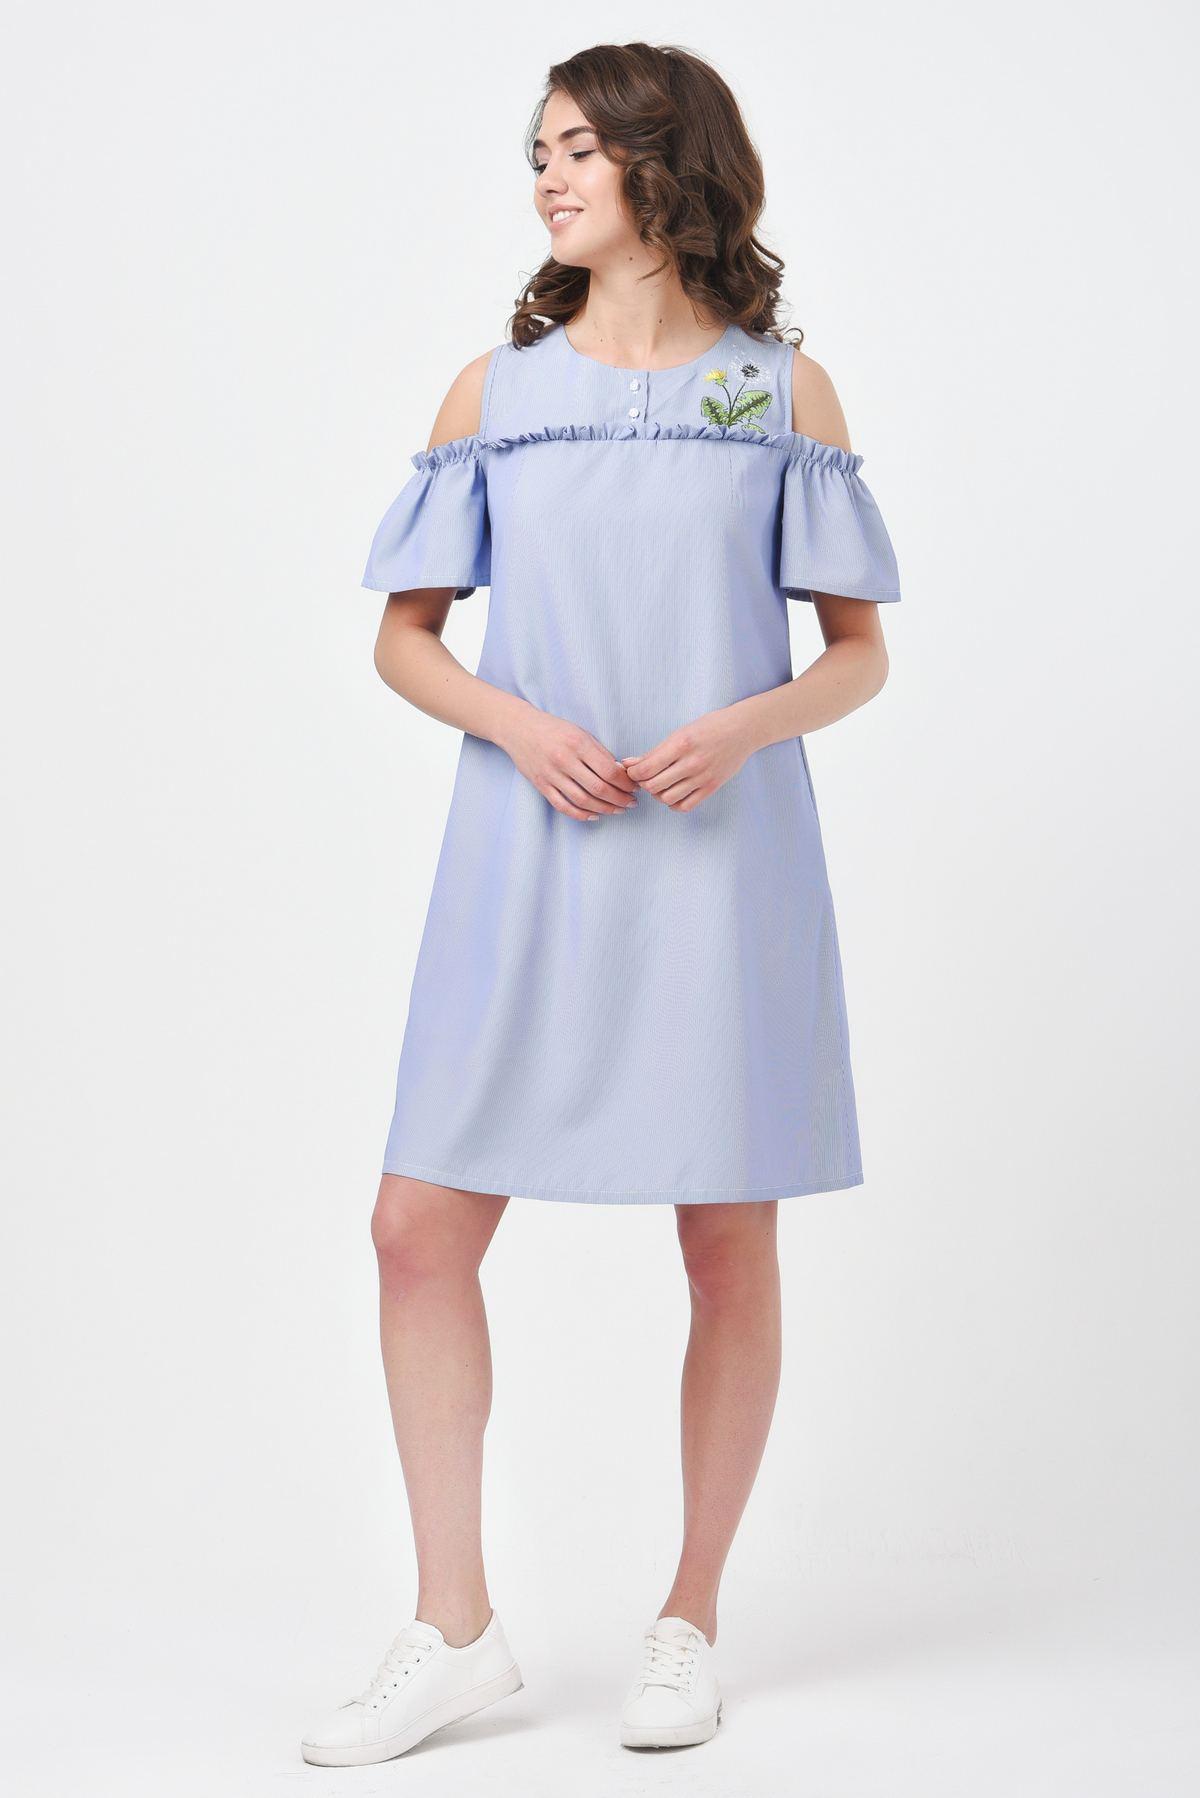 bc0d446d02f0 Купить Летнее платье с открытыми плечами в интернет-магазине ...